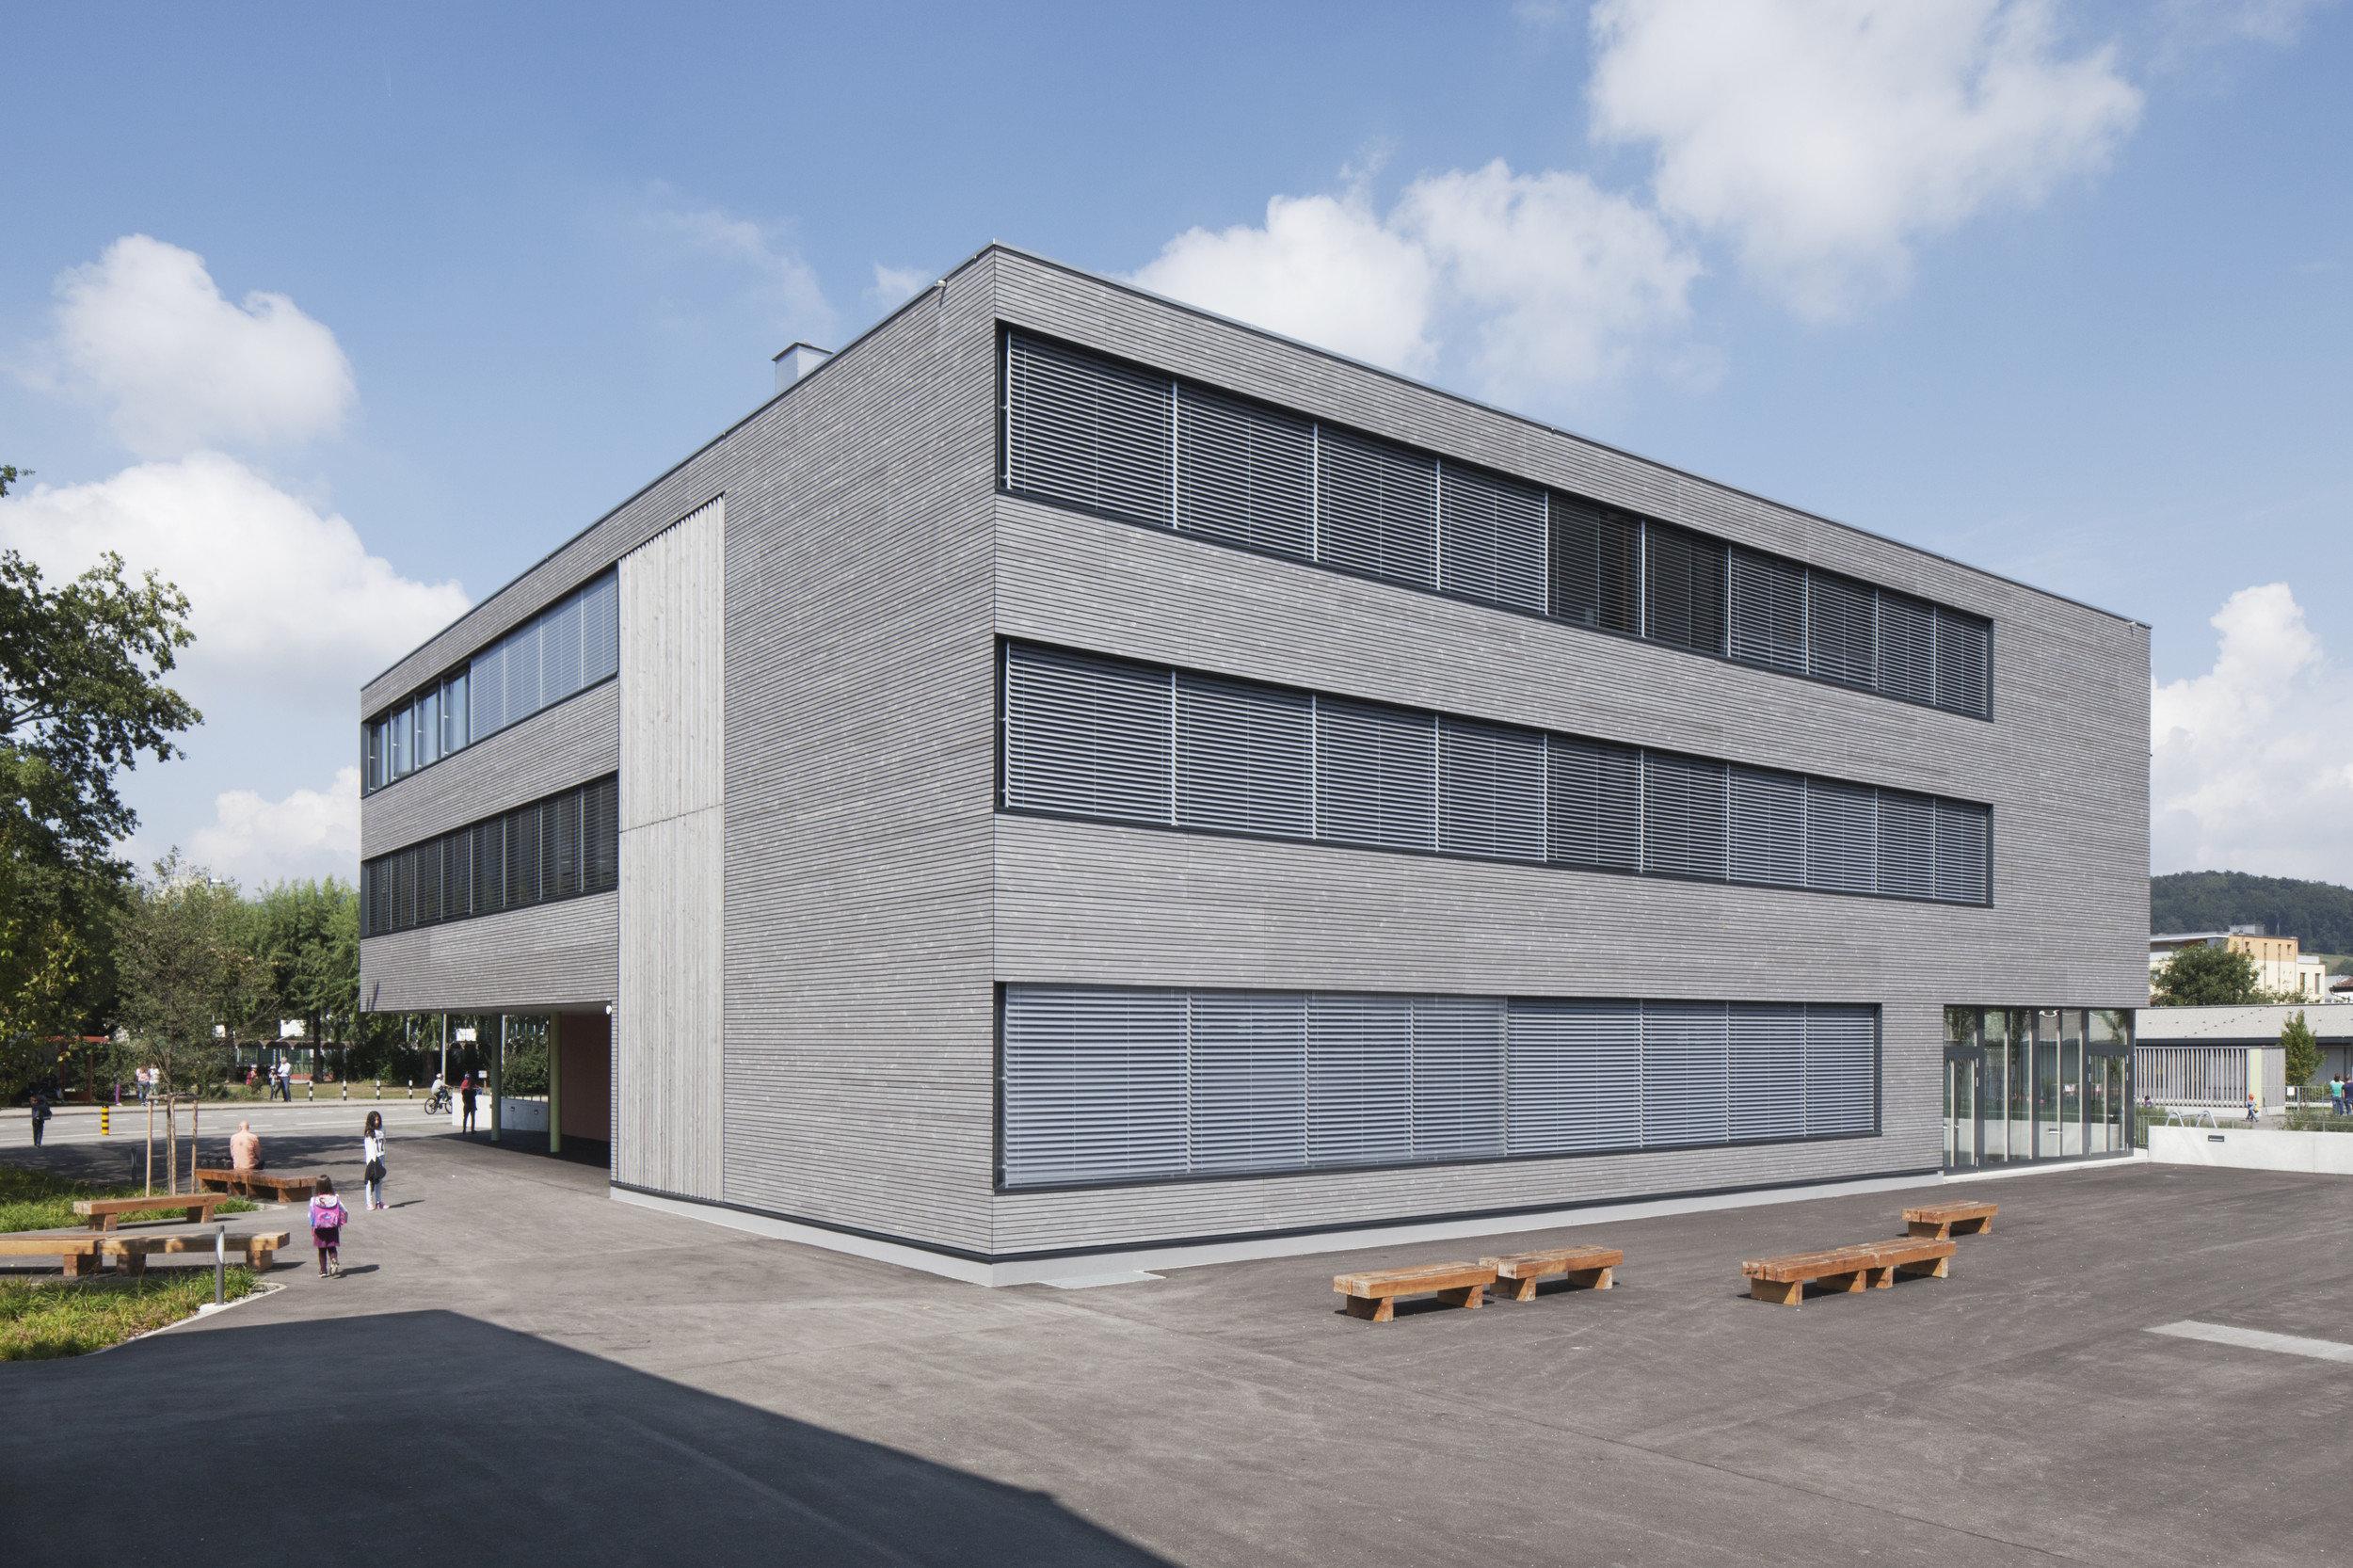 4-geschossiges Schulgebäude mit gleichmässiger Fensteranordnung